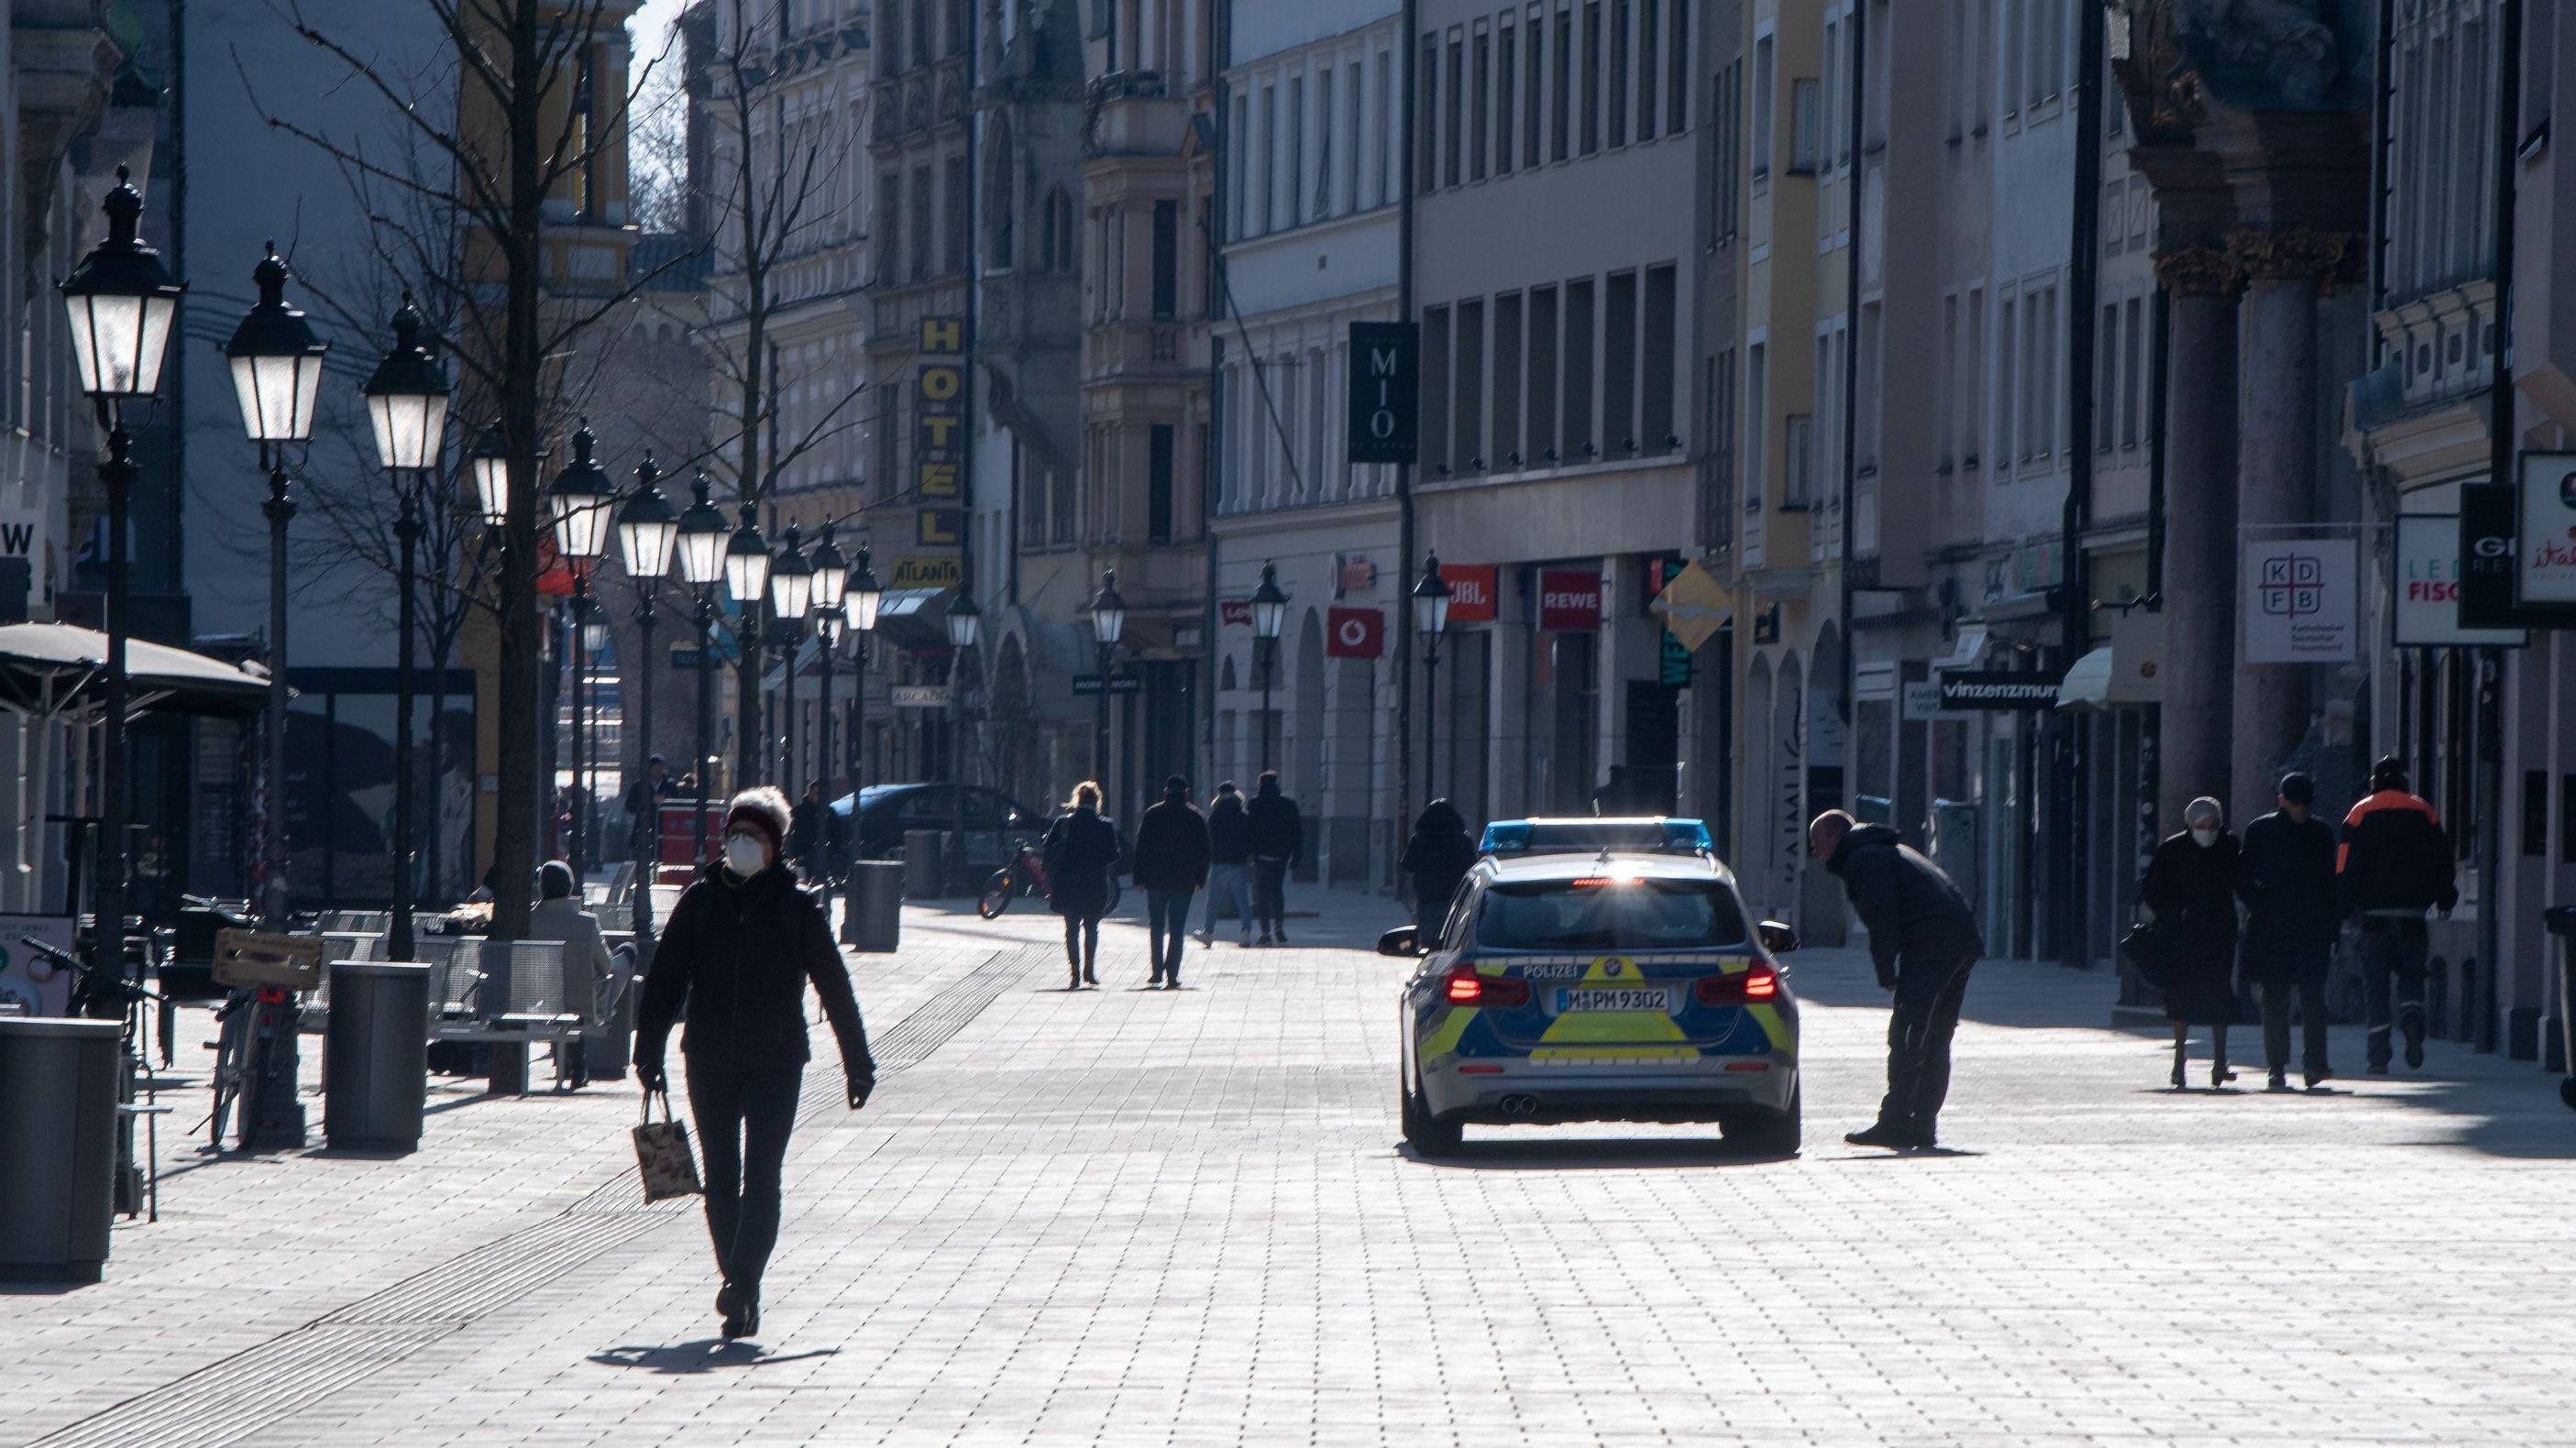 Ein Polizeiwagen fährt durch die Fußgängerzone in der Innenstadt.